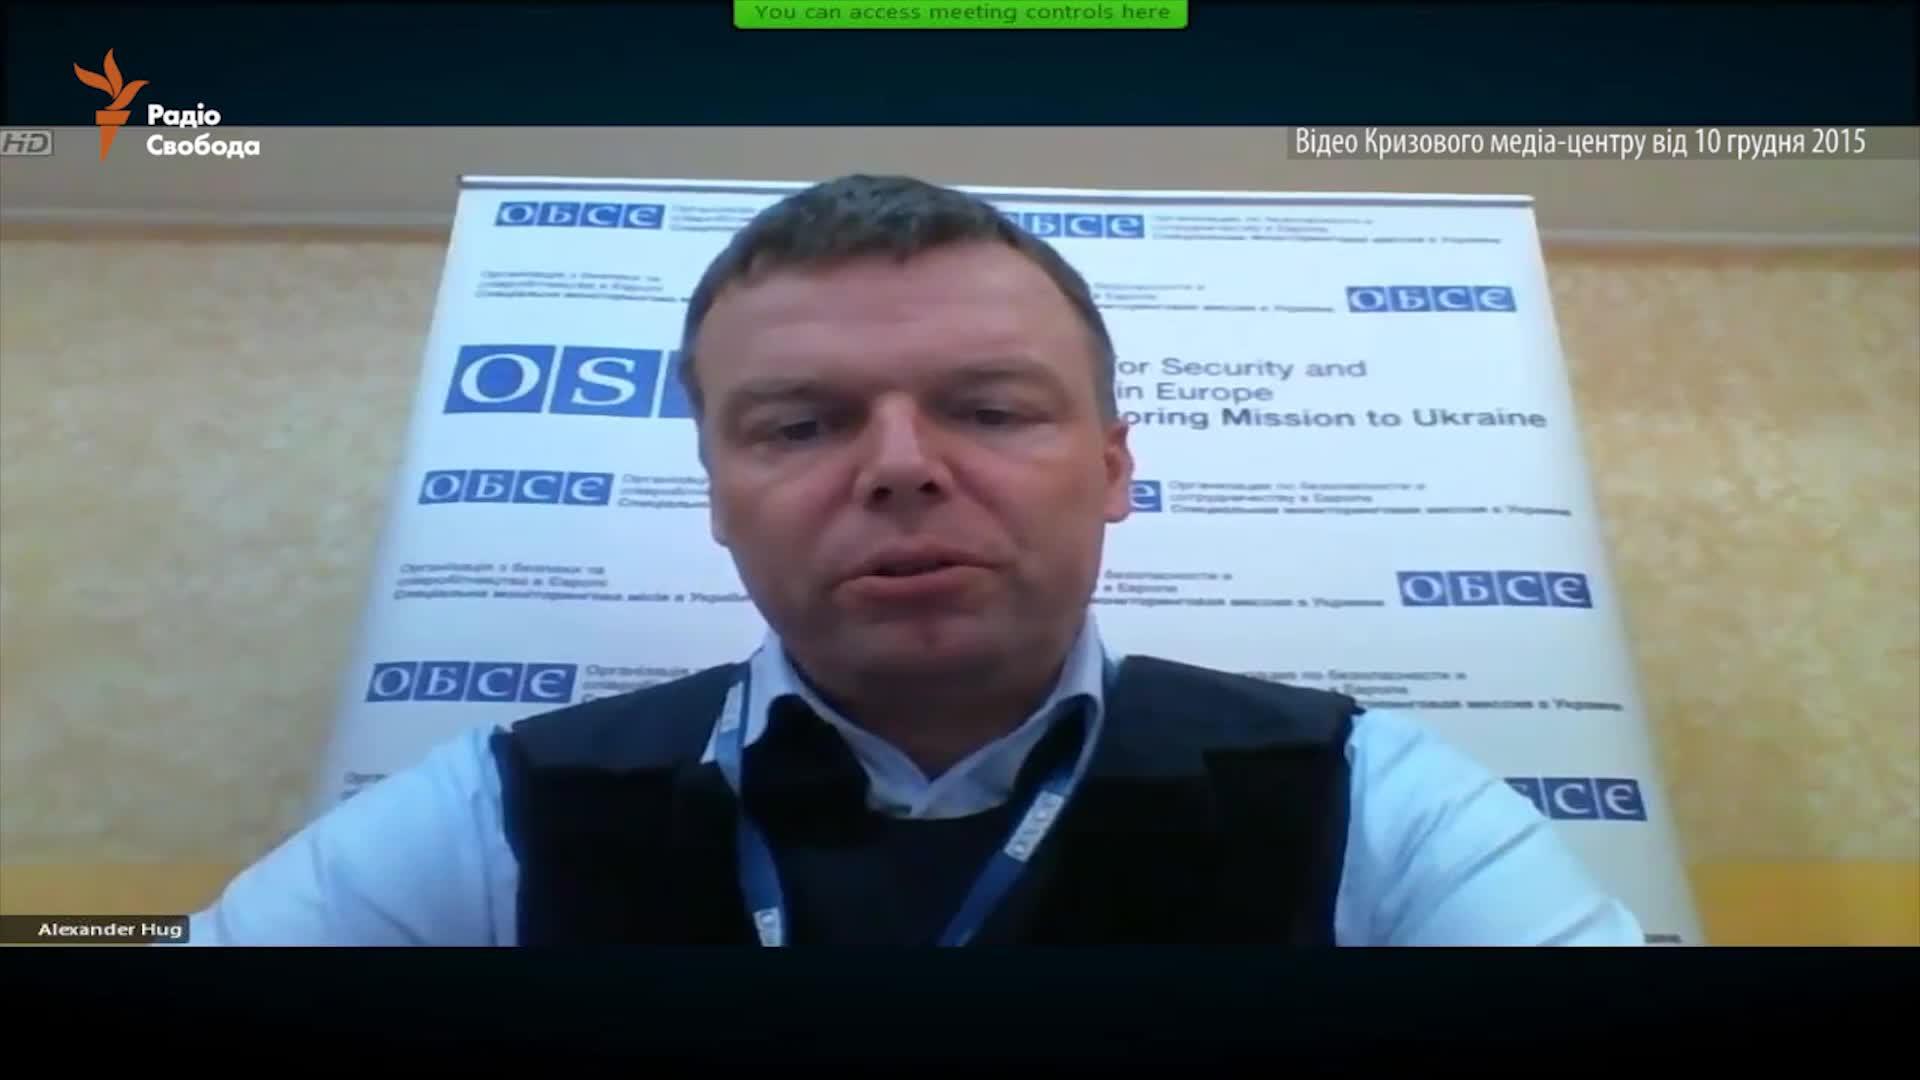 Брифінг СММ ОБСЄ в Кризовому медіа-центрі від 10 грудня 2015